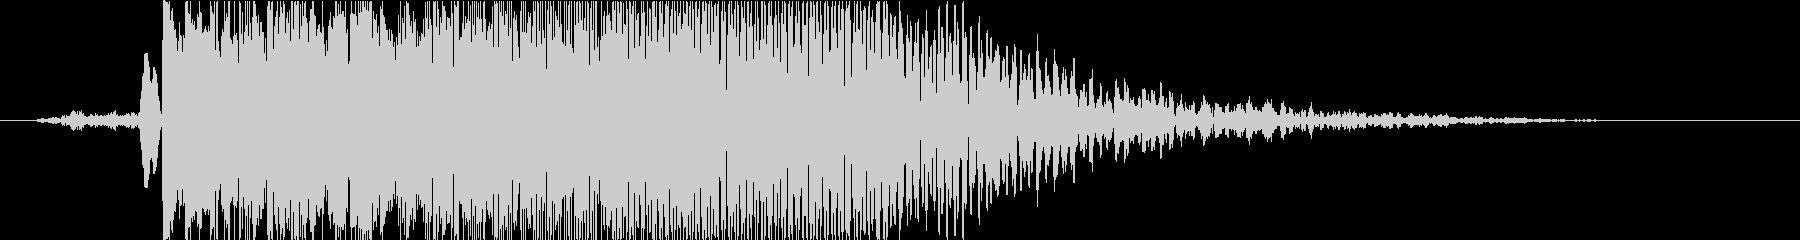 衝撃 爆発13の未再生の波形